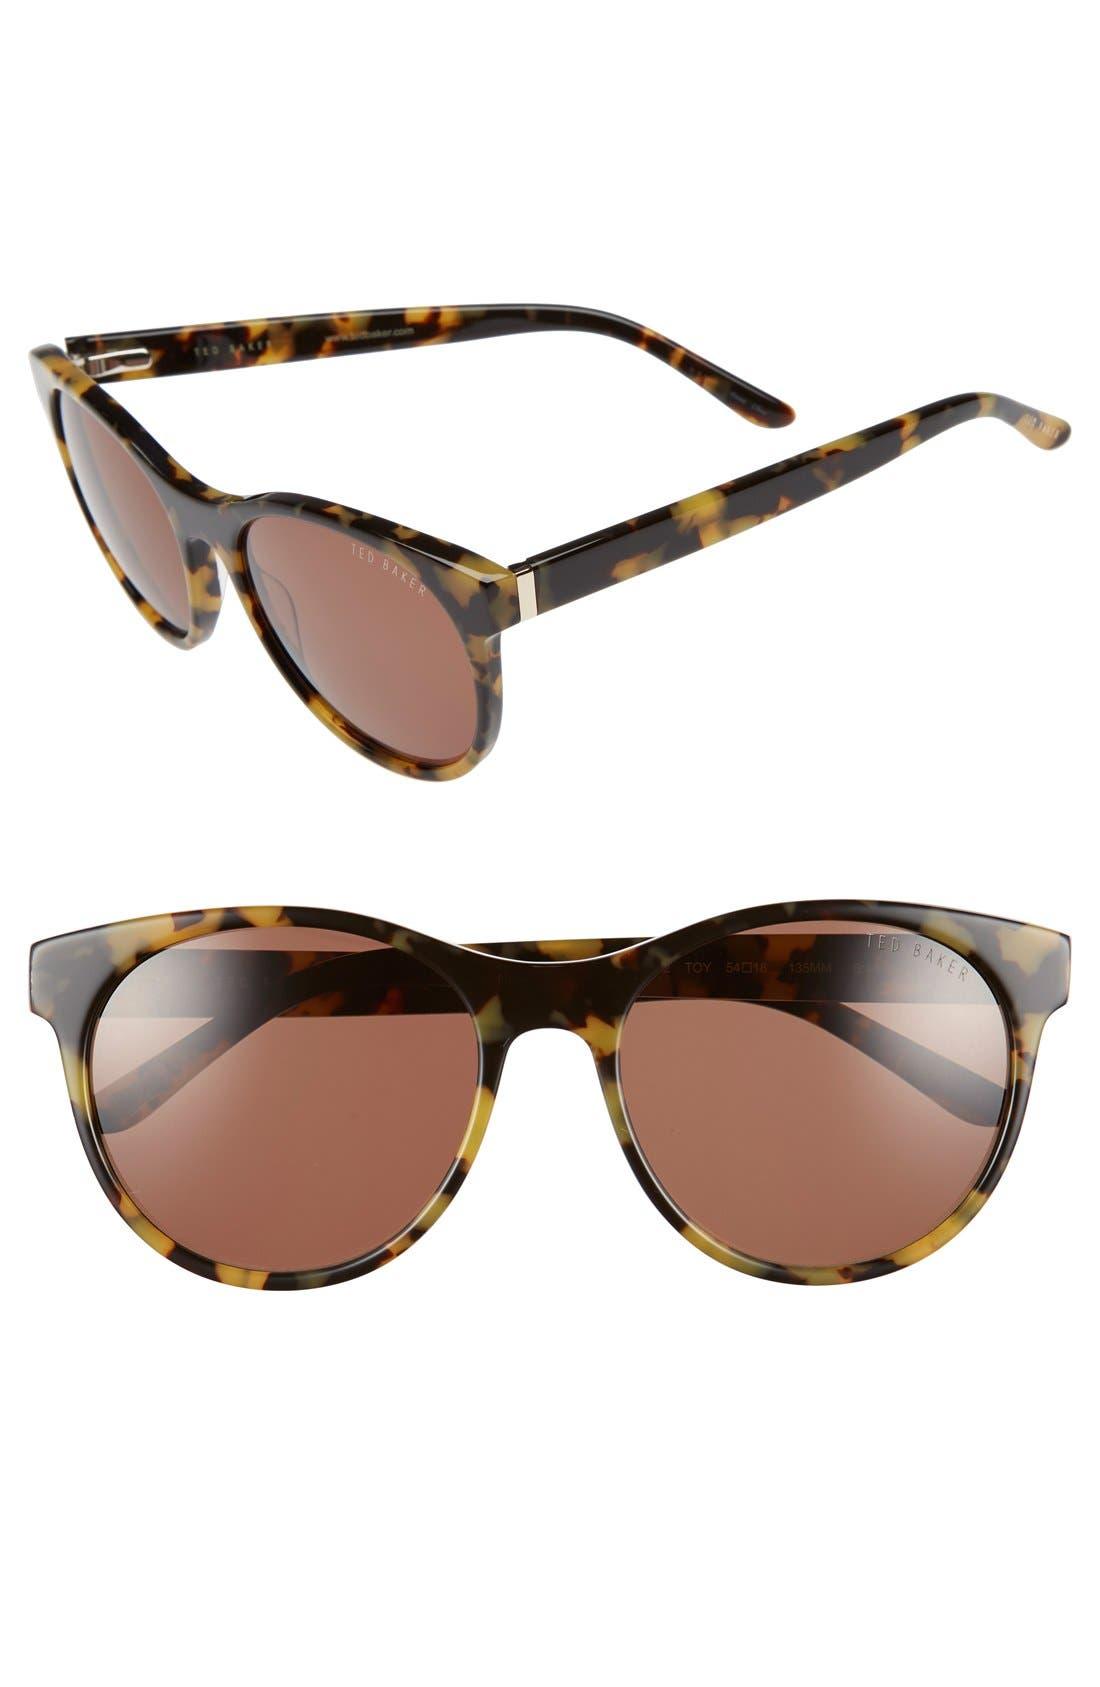 54mm Retro Sunglasses,                         Main,                         color, 201